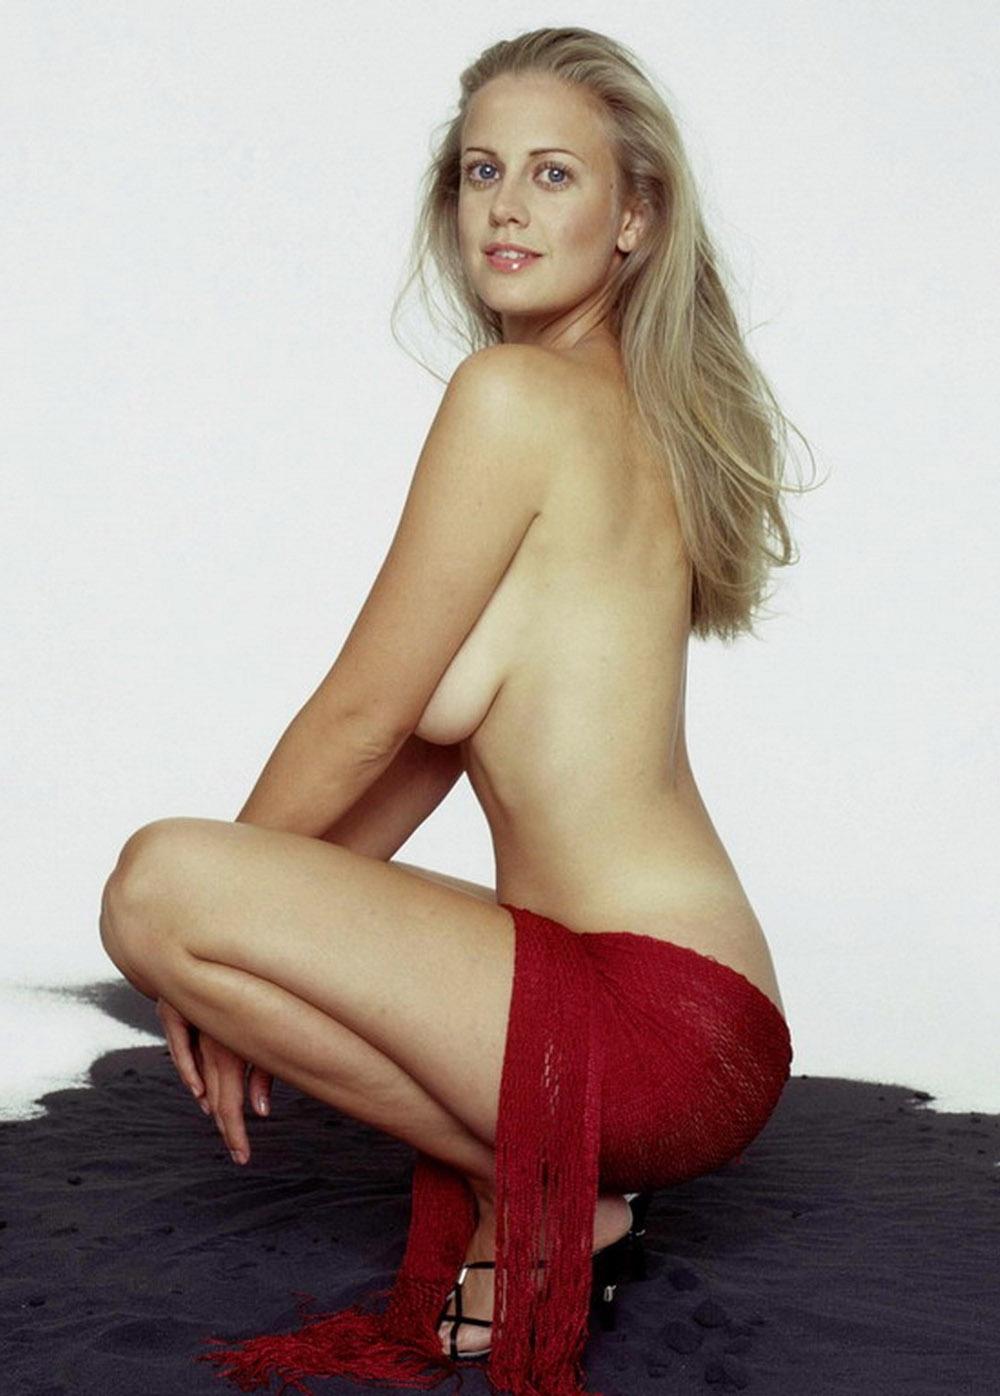 Nackt verena altenberger Nude Verena